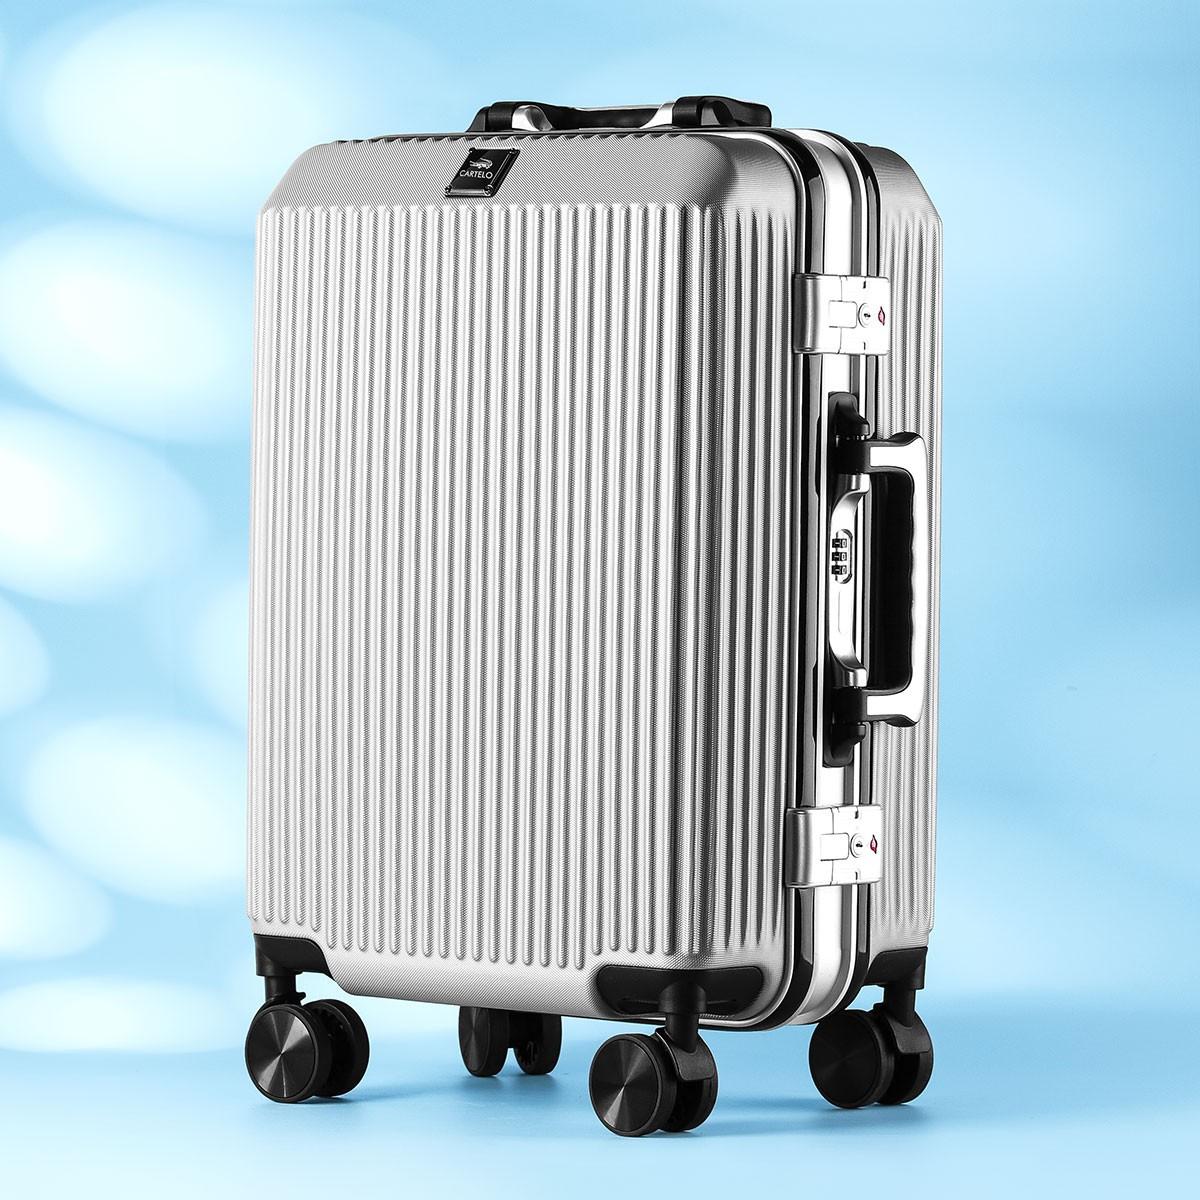 กระเป๋าเดินทางรถเข็นชาย24นิ้วกล่องรหัสผ่านขนาดเล็ก20-ทนทาน26หนา Boarding ผู้หญิง 'S1